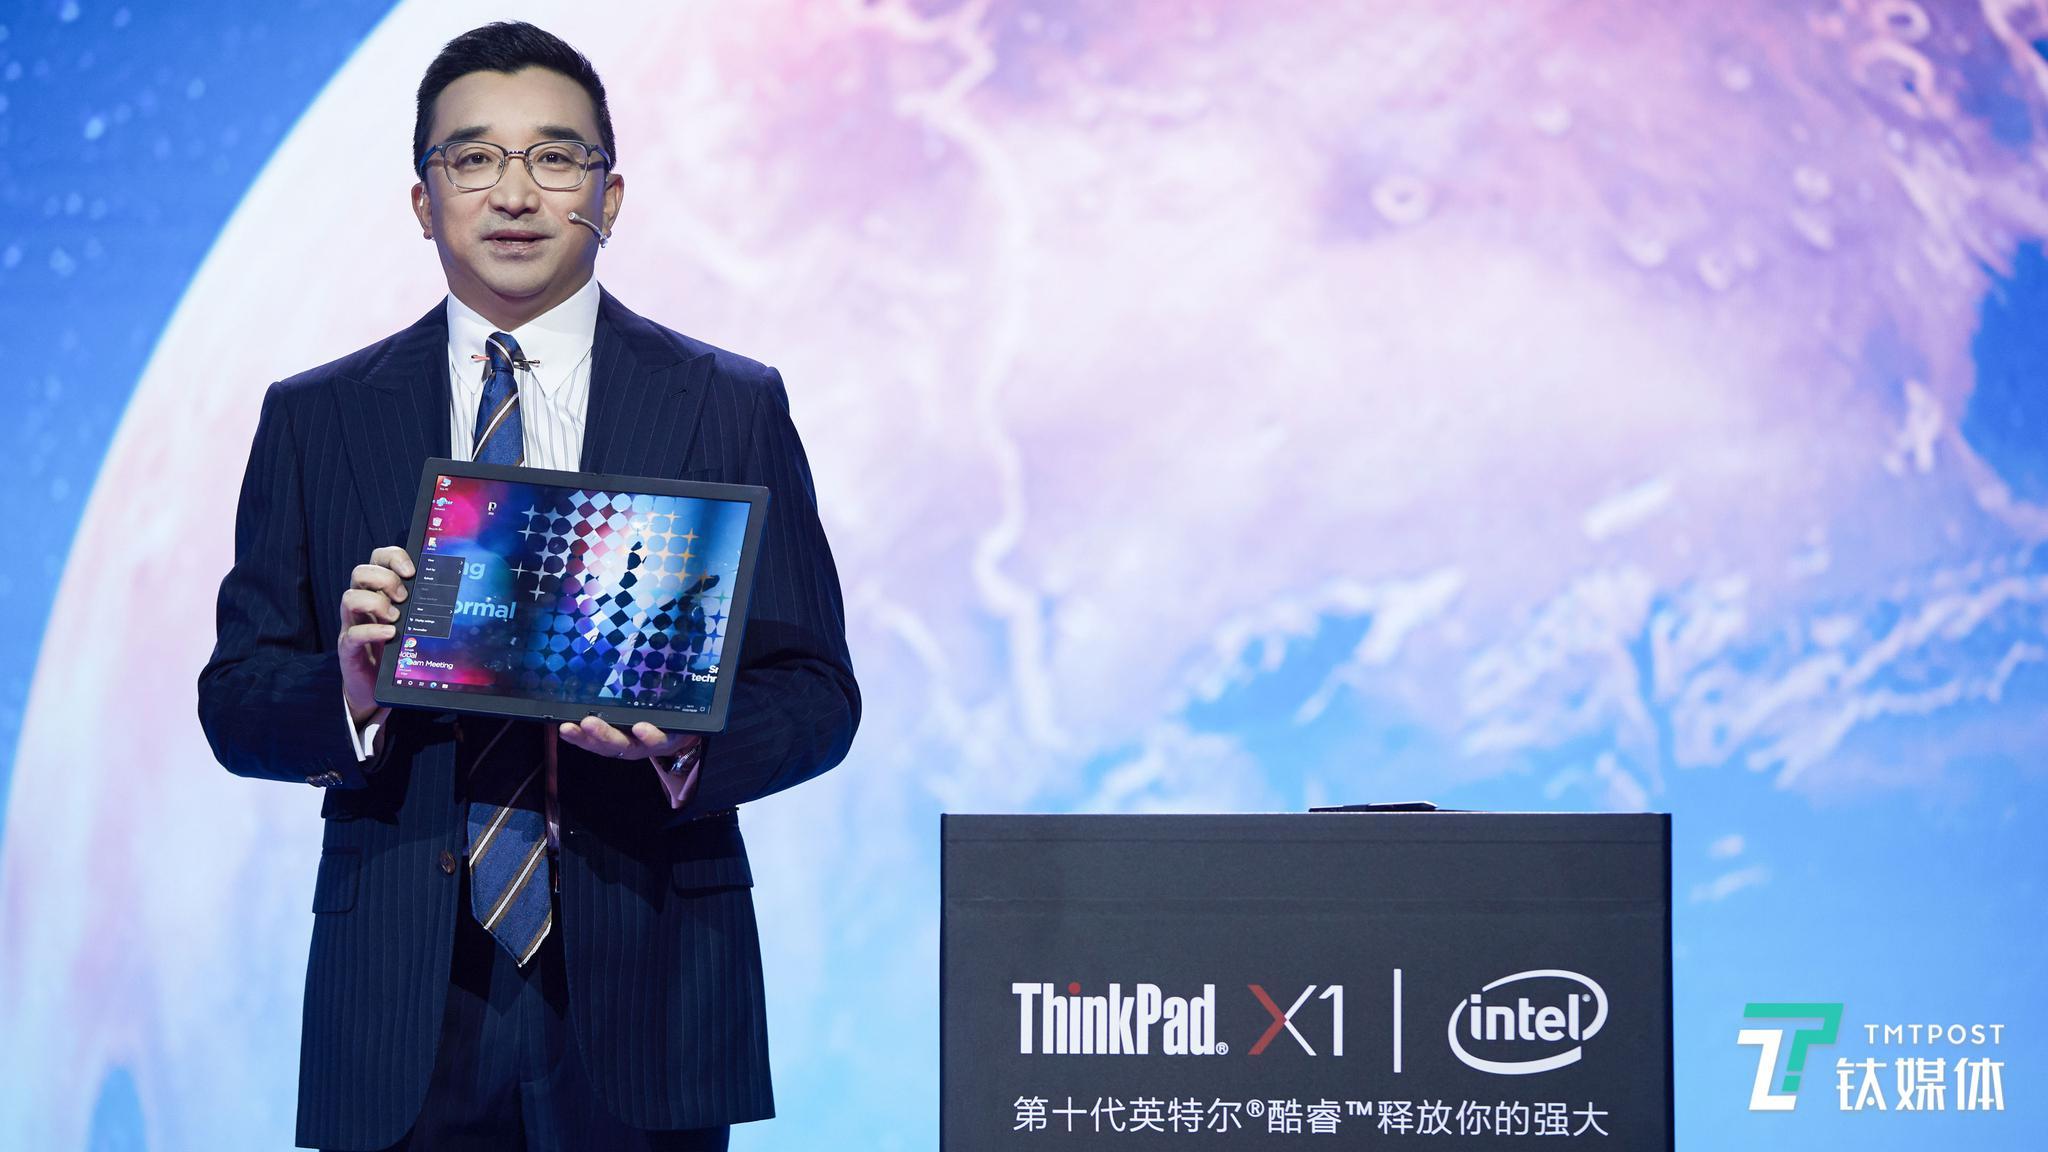 全球首款5G折叠屏笔记本电脑,联想发布ThinkPad X1 Fold | 钛快讯